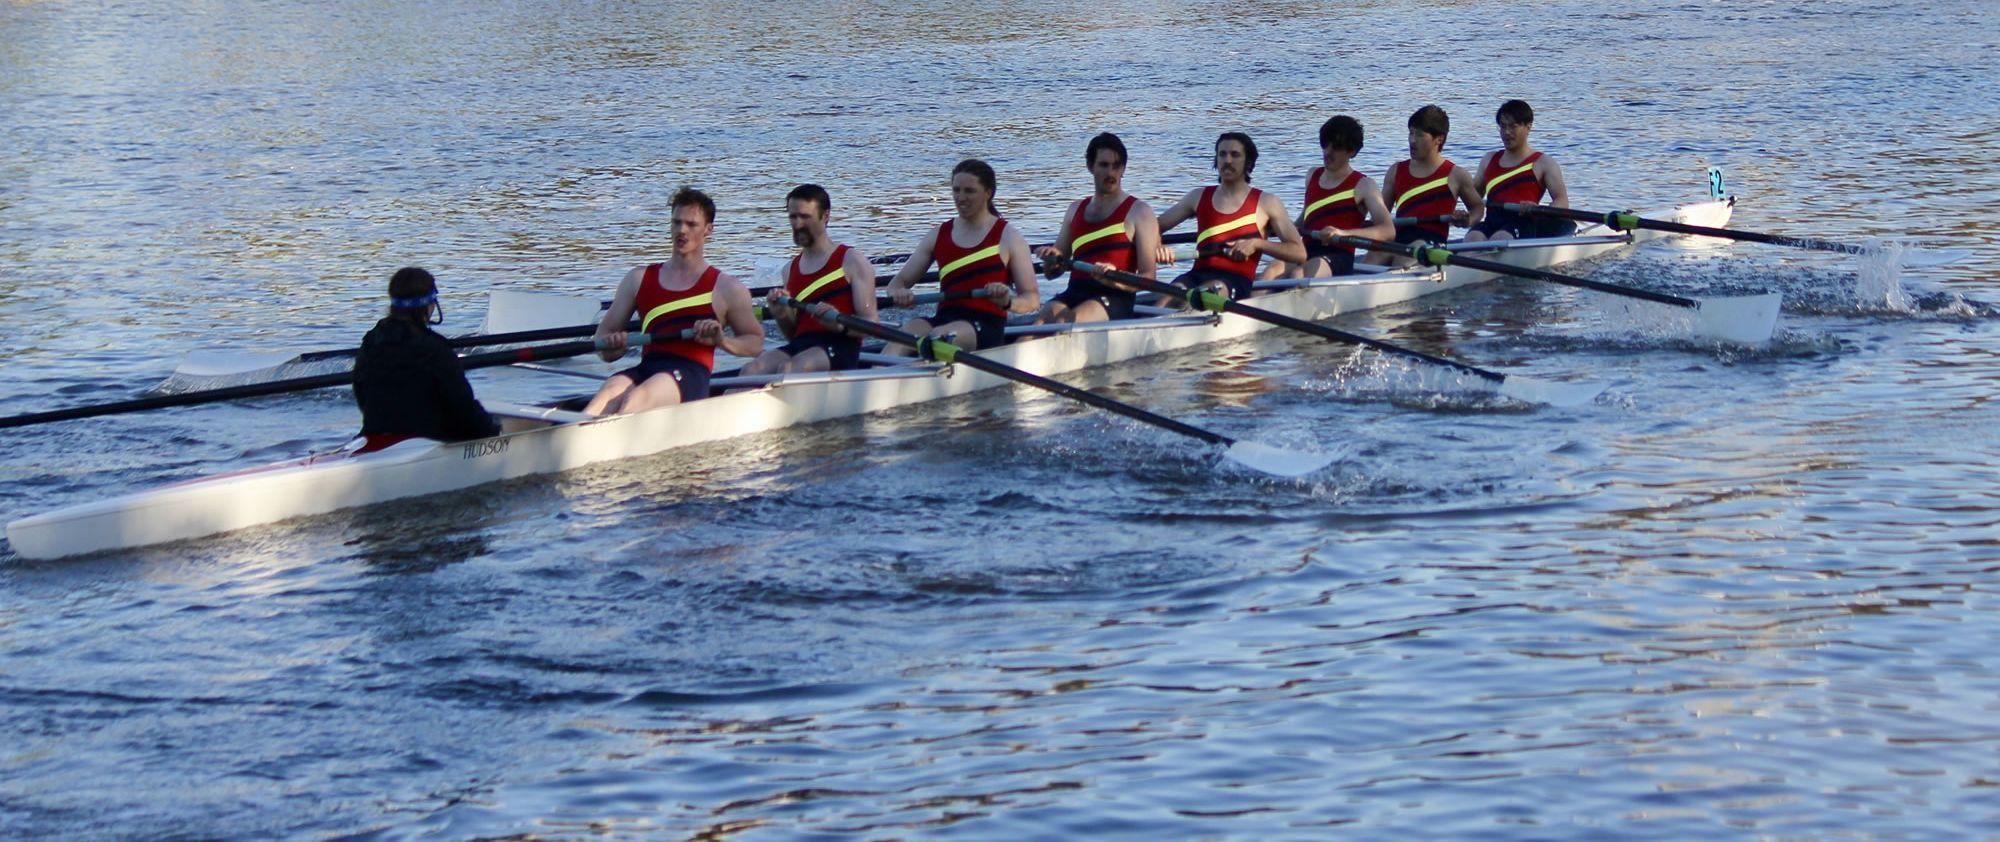 Sports regatta